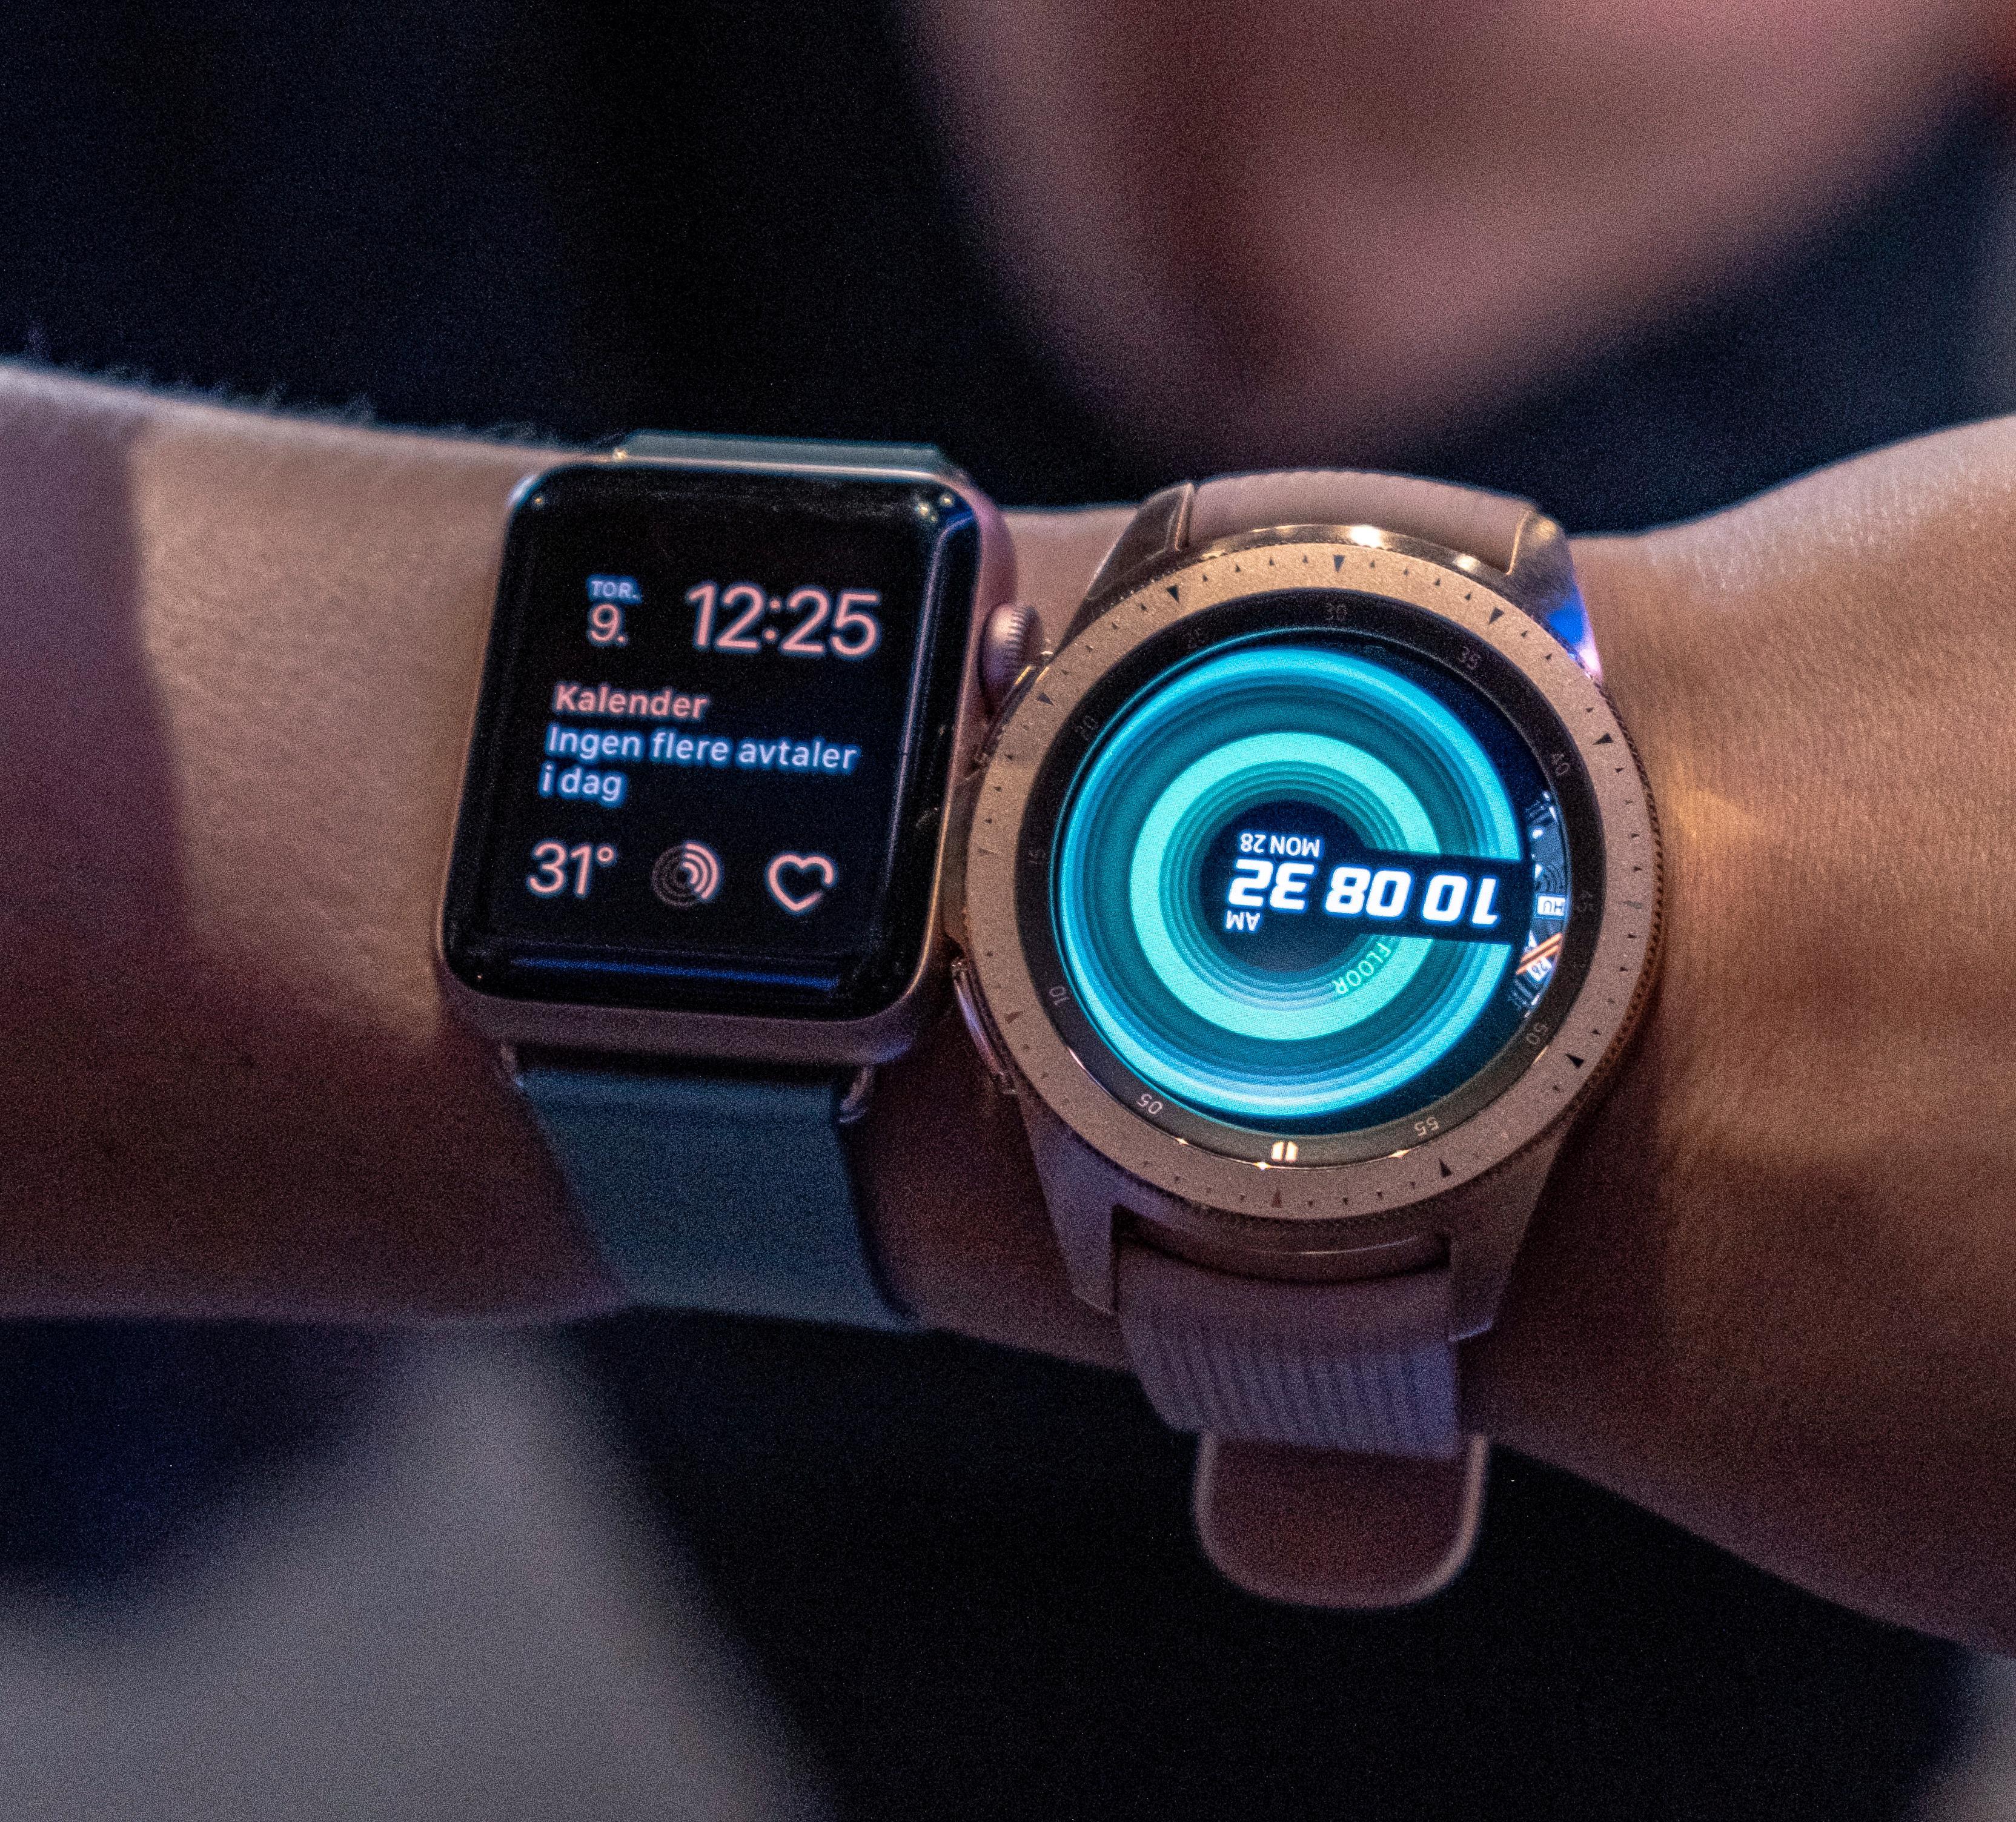 Galaxy Watch (til høyre) vil nok få en del oppmerksomhet når messedørene åpnes opp.